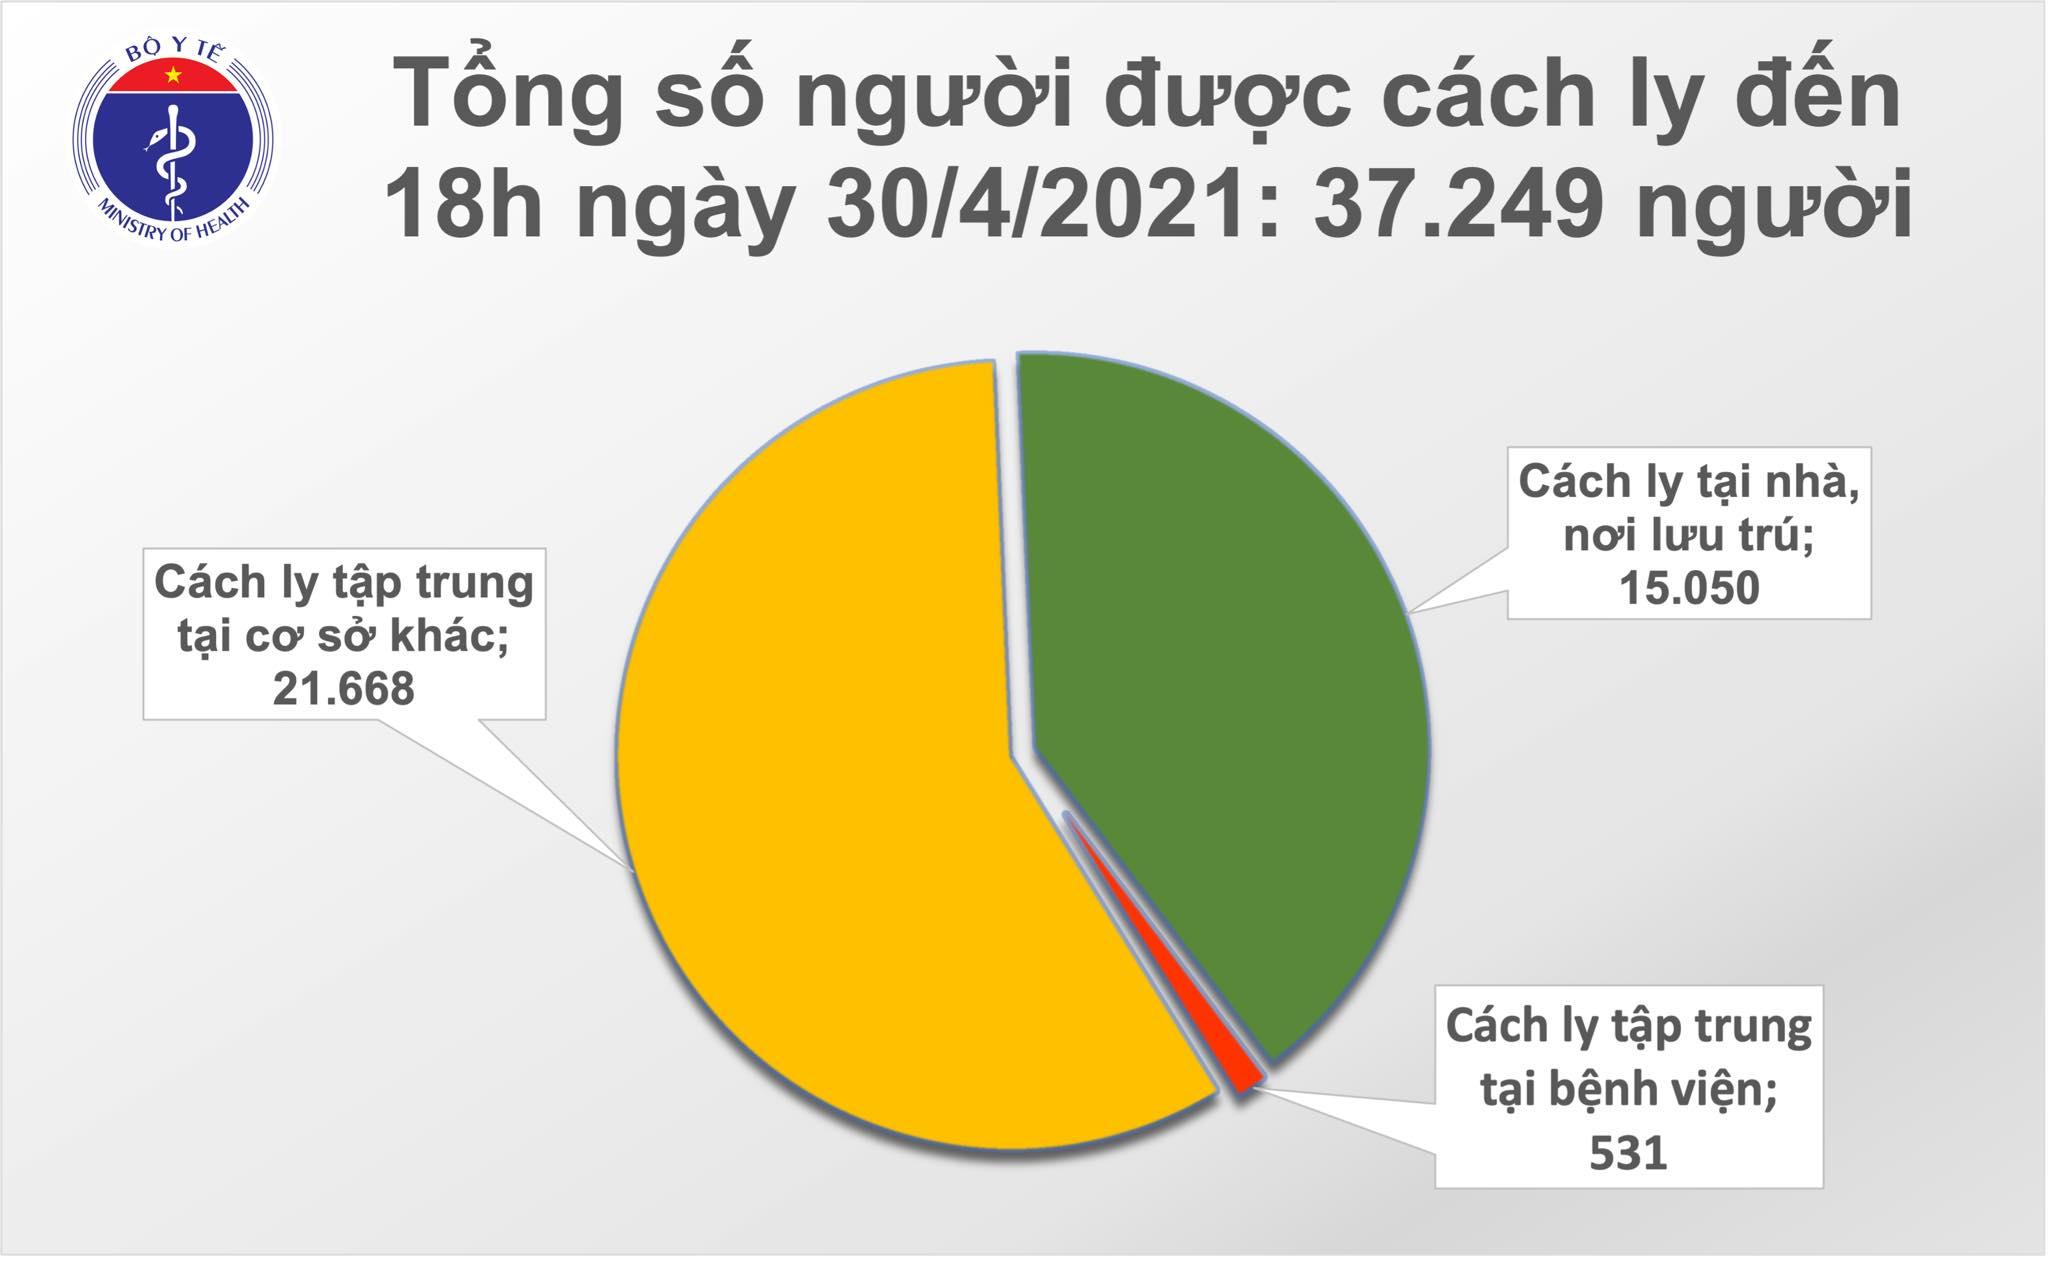 Chiều 30/4: Thêm 14 ca mắc COVID-19, có 4 ca ghi nhận trong nước tại Hà Nam và Hà Nội 1